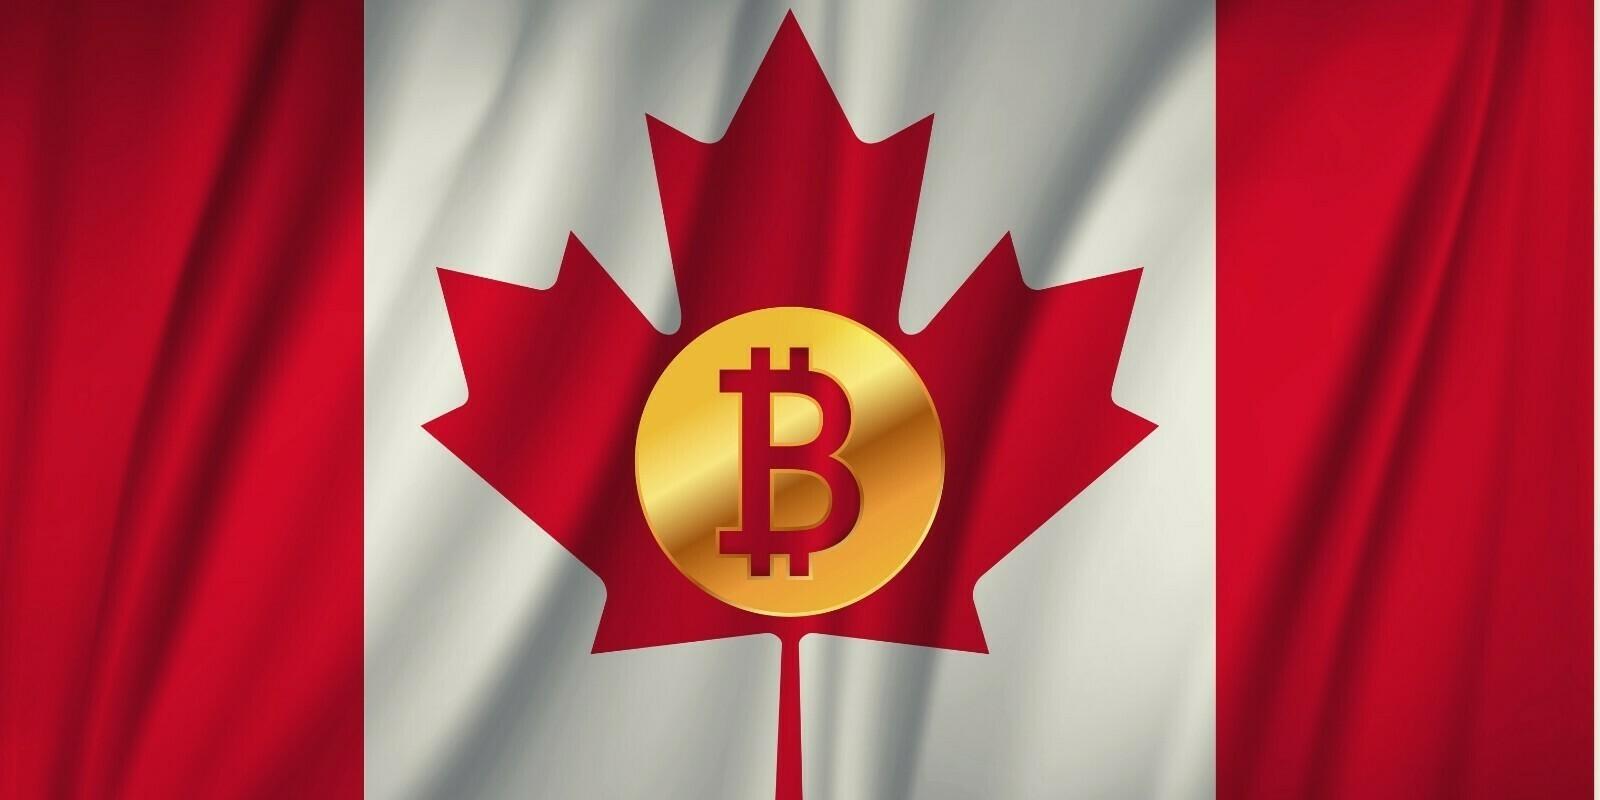 Le Canada approuve son premier fonds négocié en bourse sur le Bitcoin